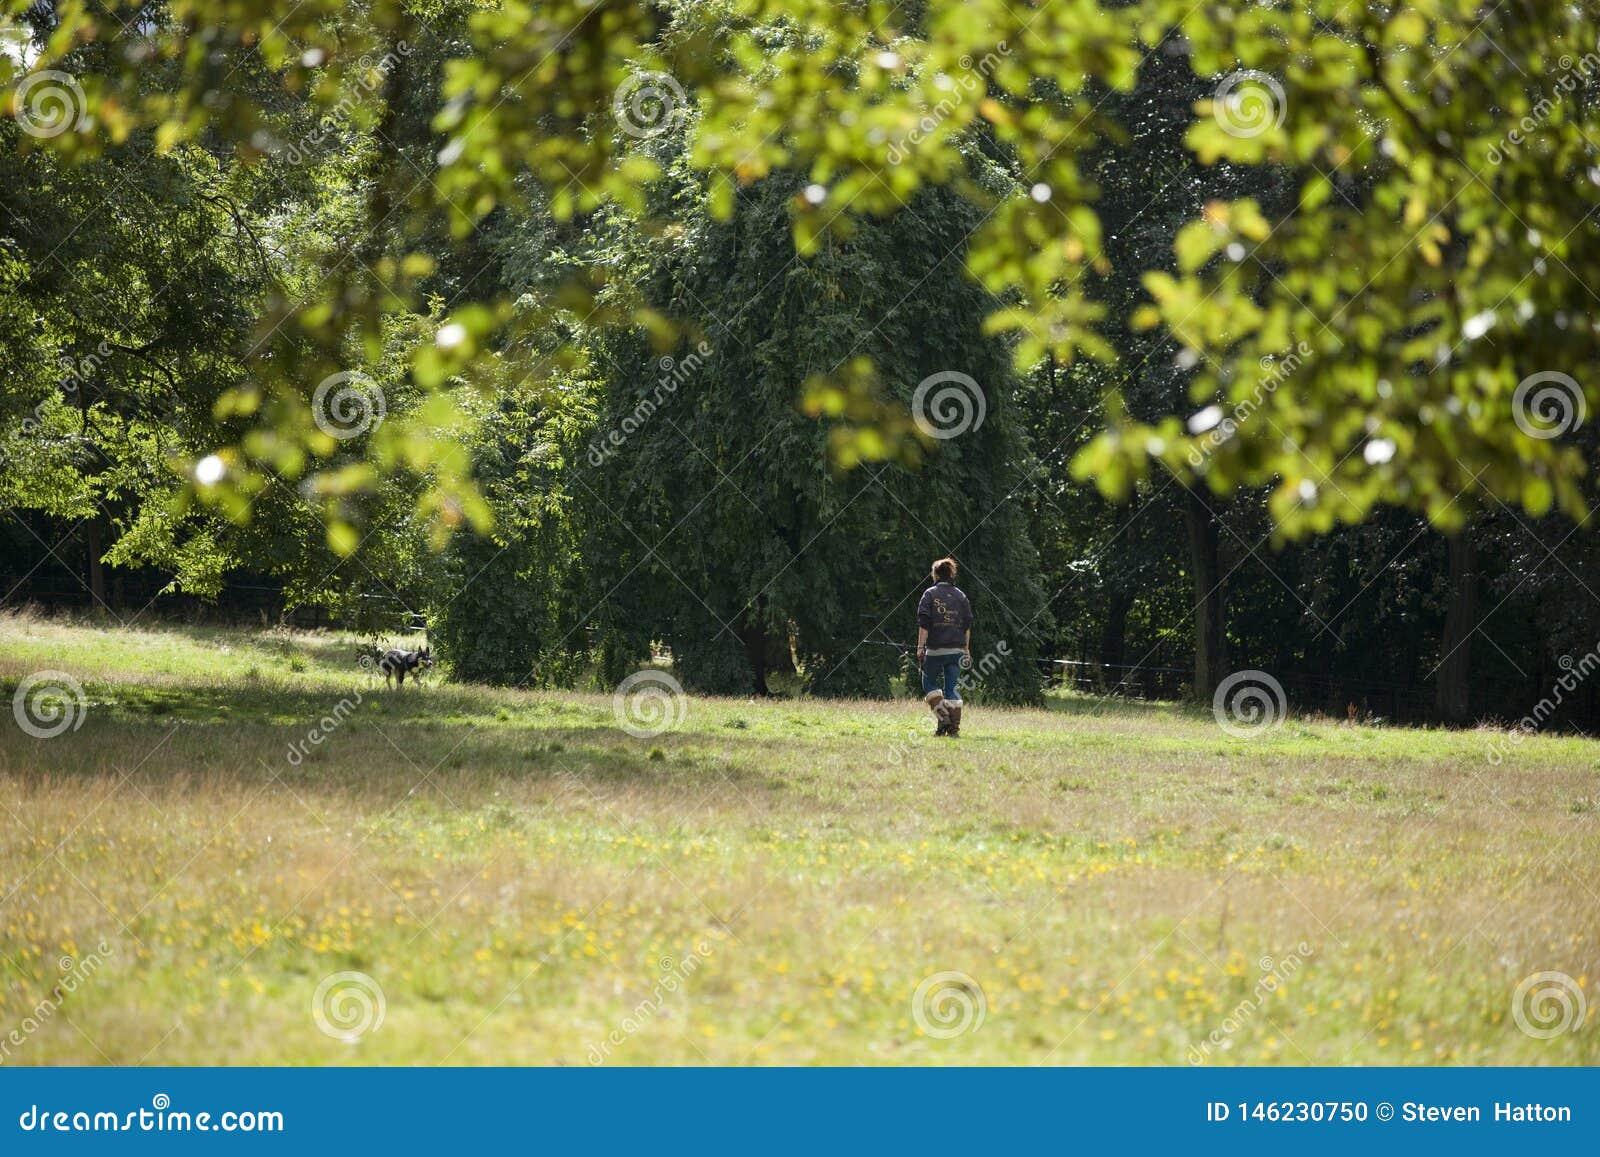 Парк, Глазго, Шотландия, Великобритания, сентябрь 2013, parkland и деревья Kelvingrove в парке Kelvingrove